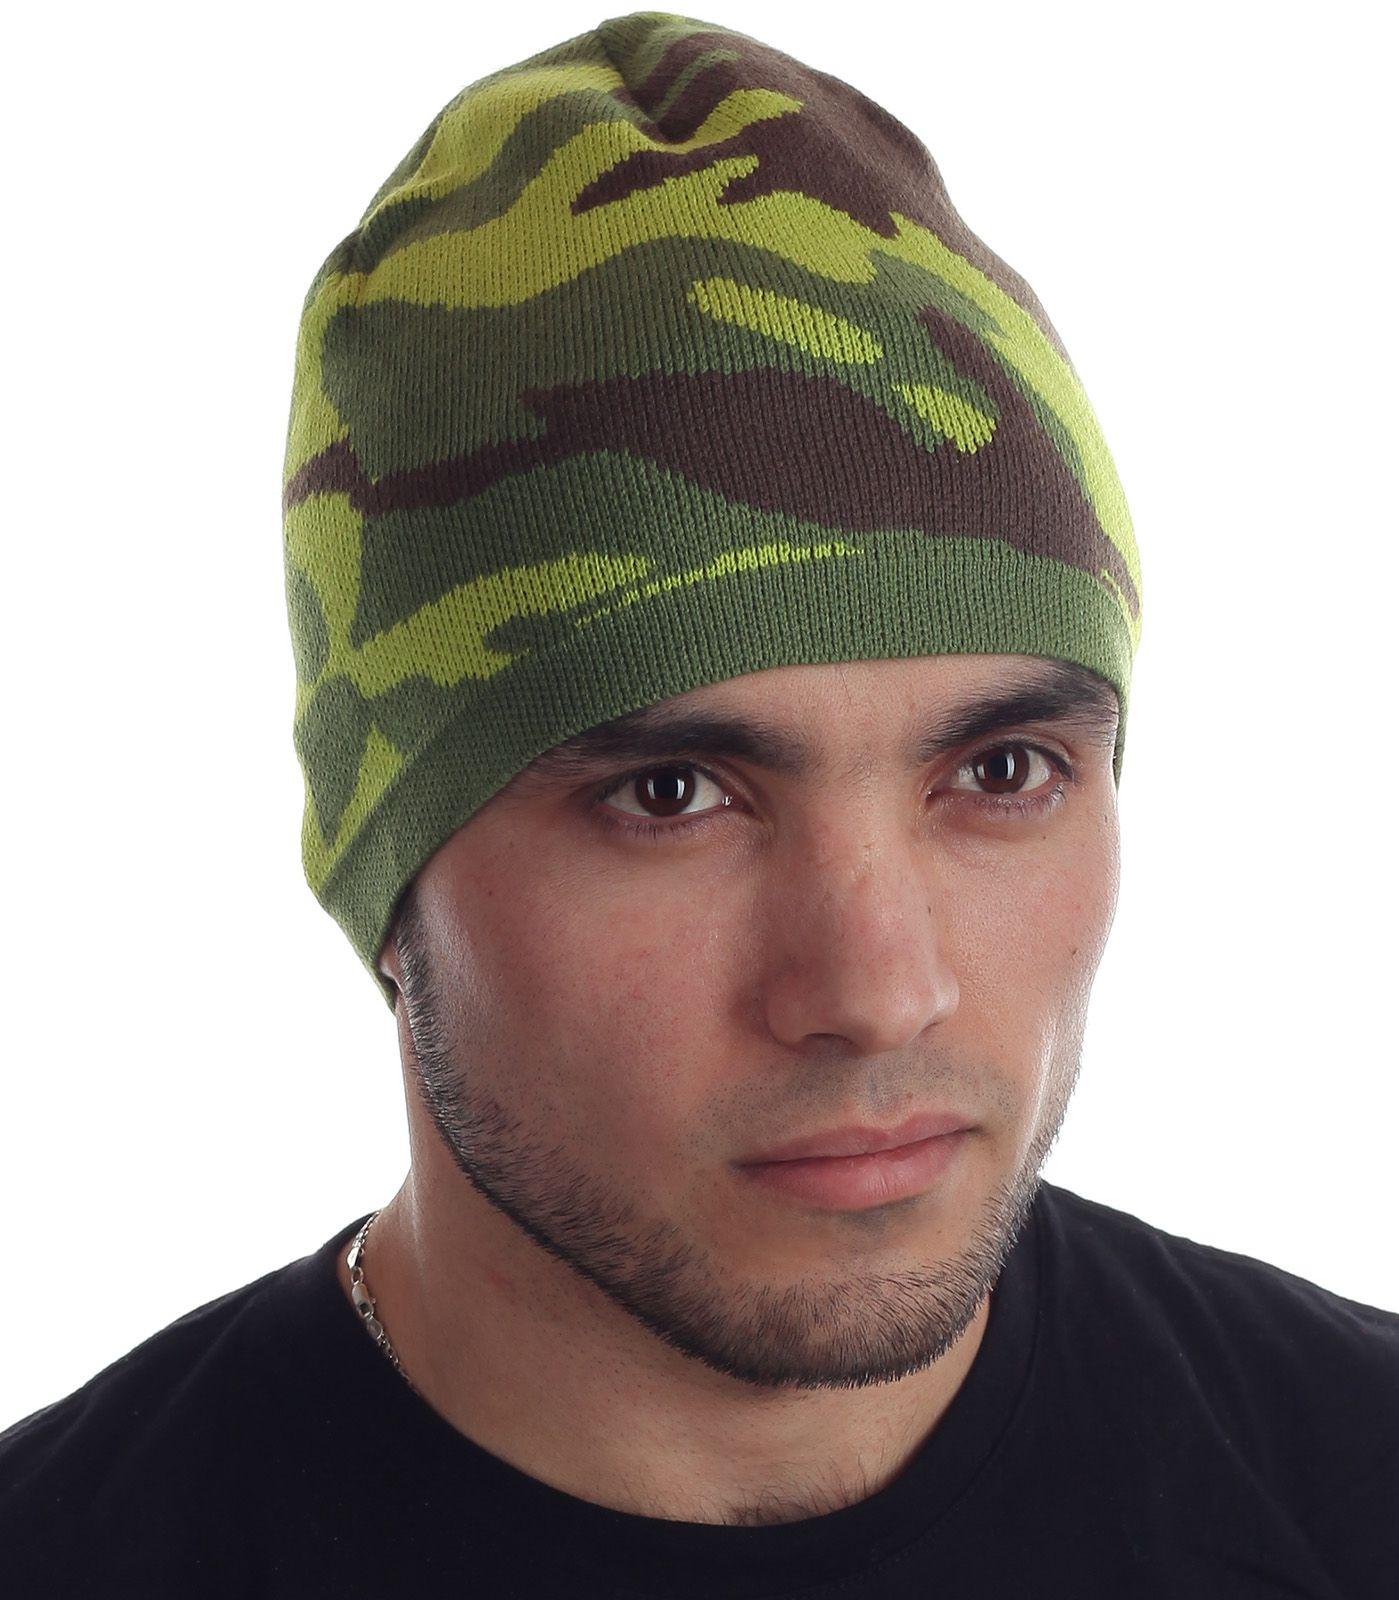 Купить вязаную шапку рыбака